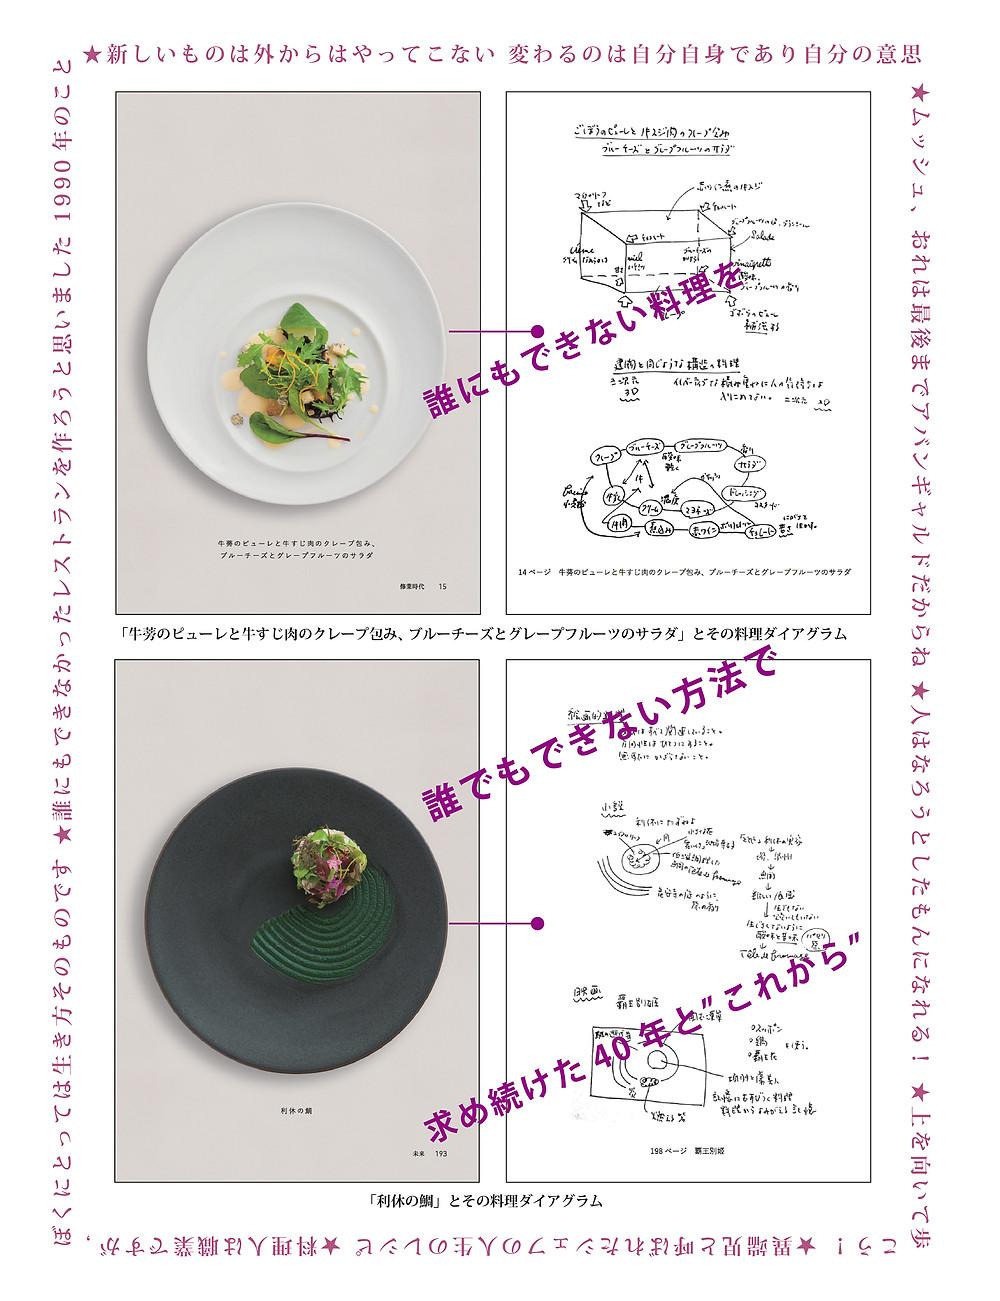 料理人という生き方 ダイアグラム